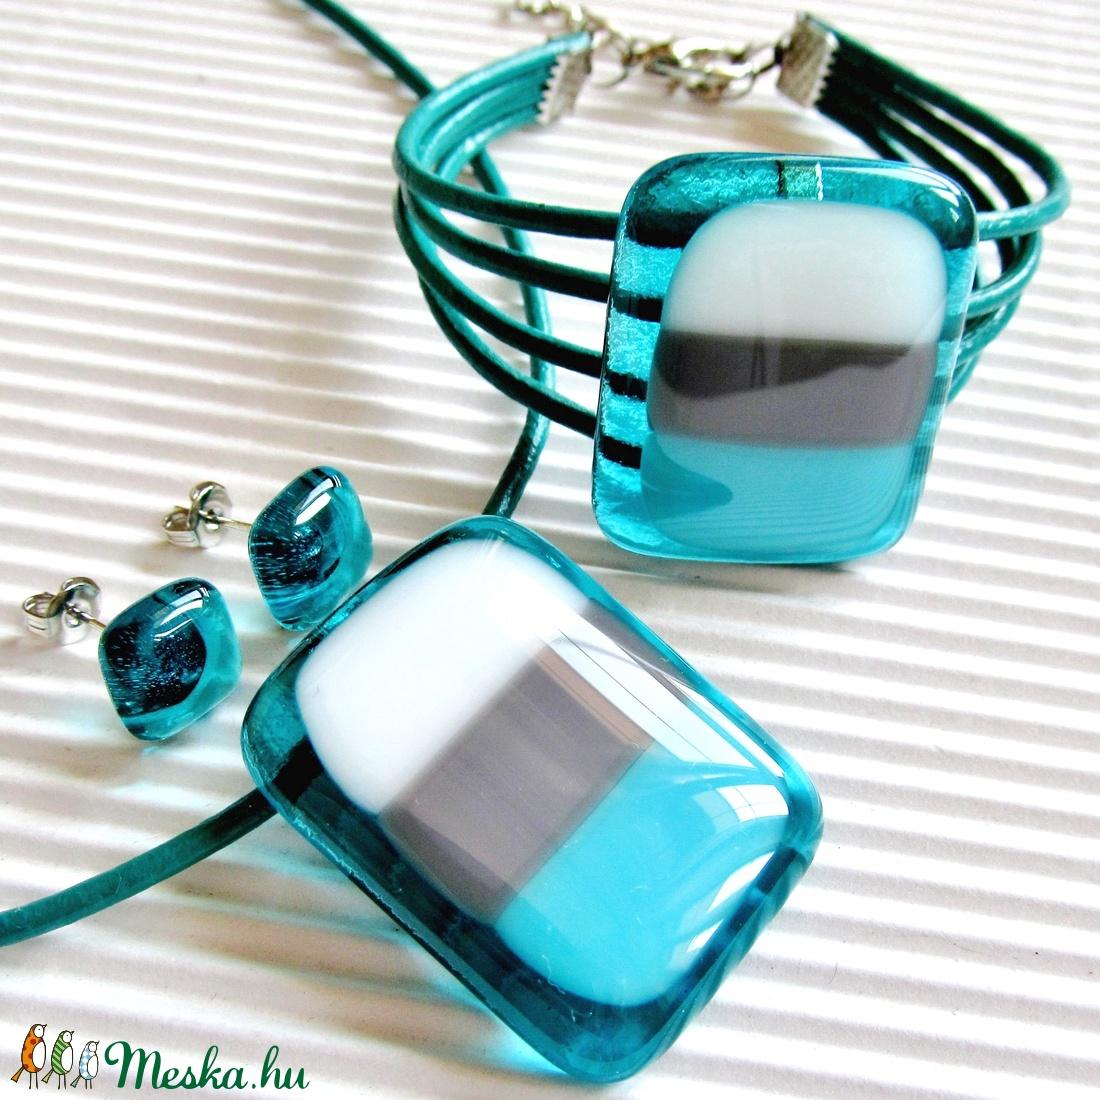 Hullámzó tenger üveg medál, bőr-üveg karkötő és fülbevaló orvosi fém bedugón, üvegékszer szett - ékszer - ékszerszett - Meska.hu